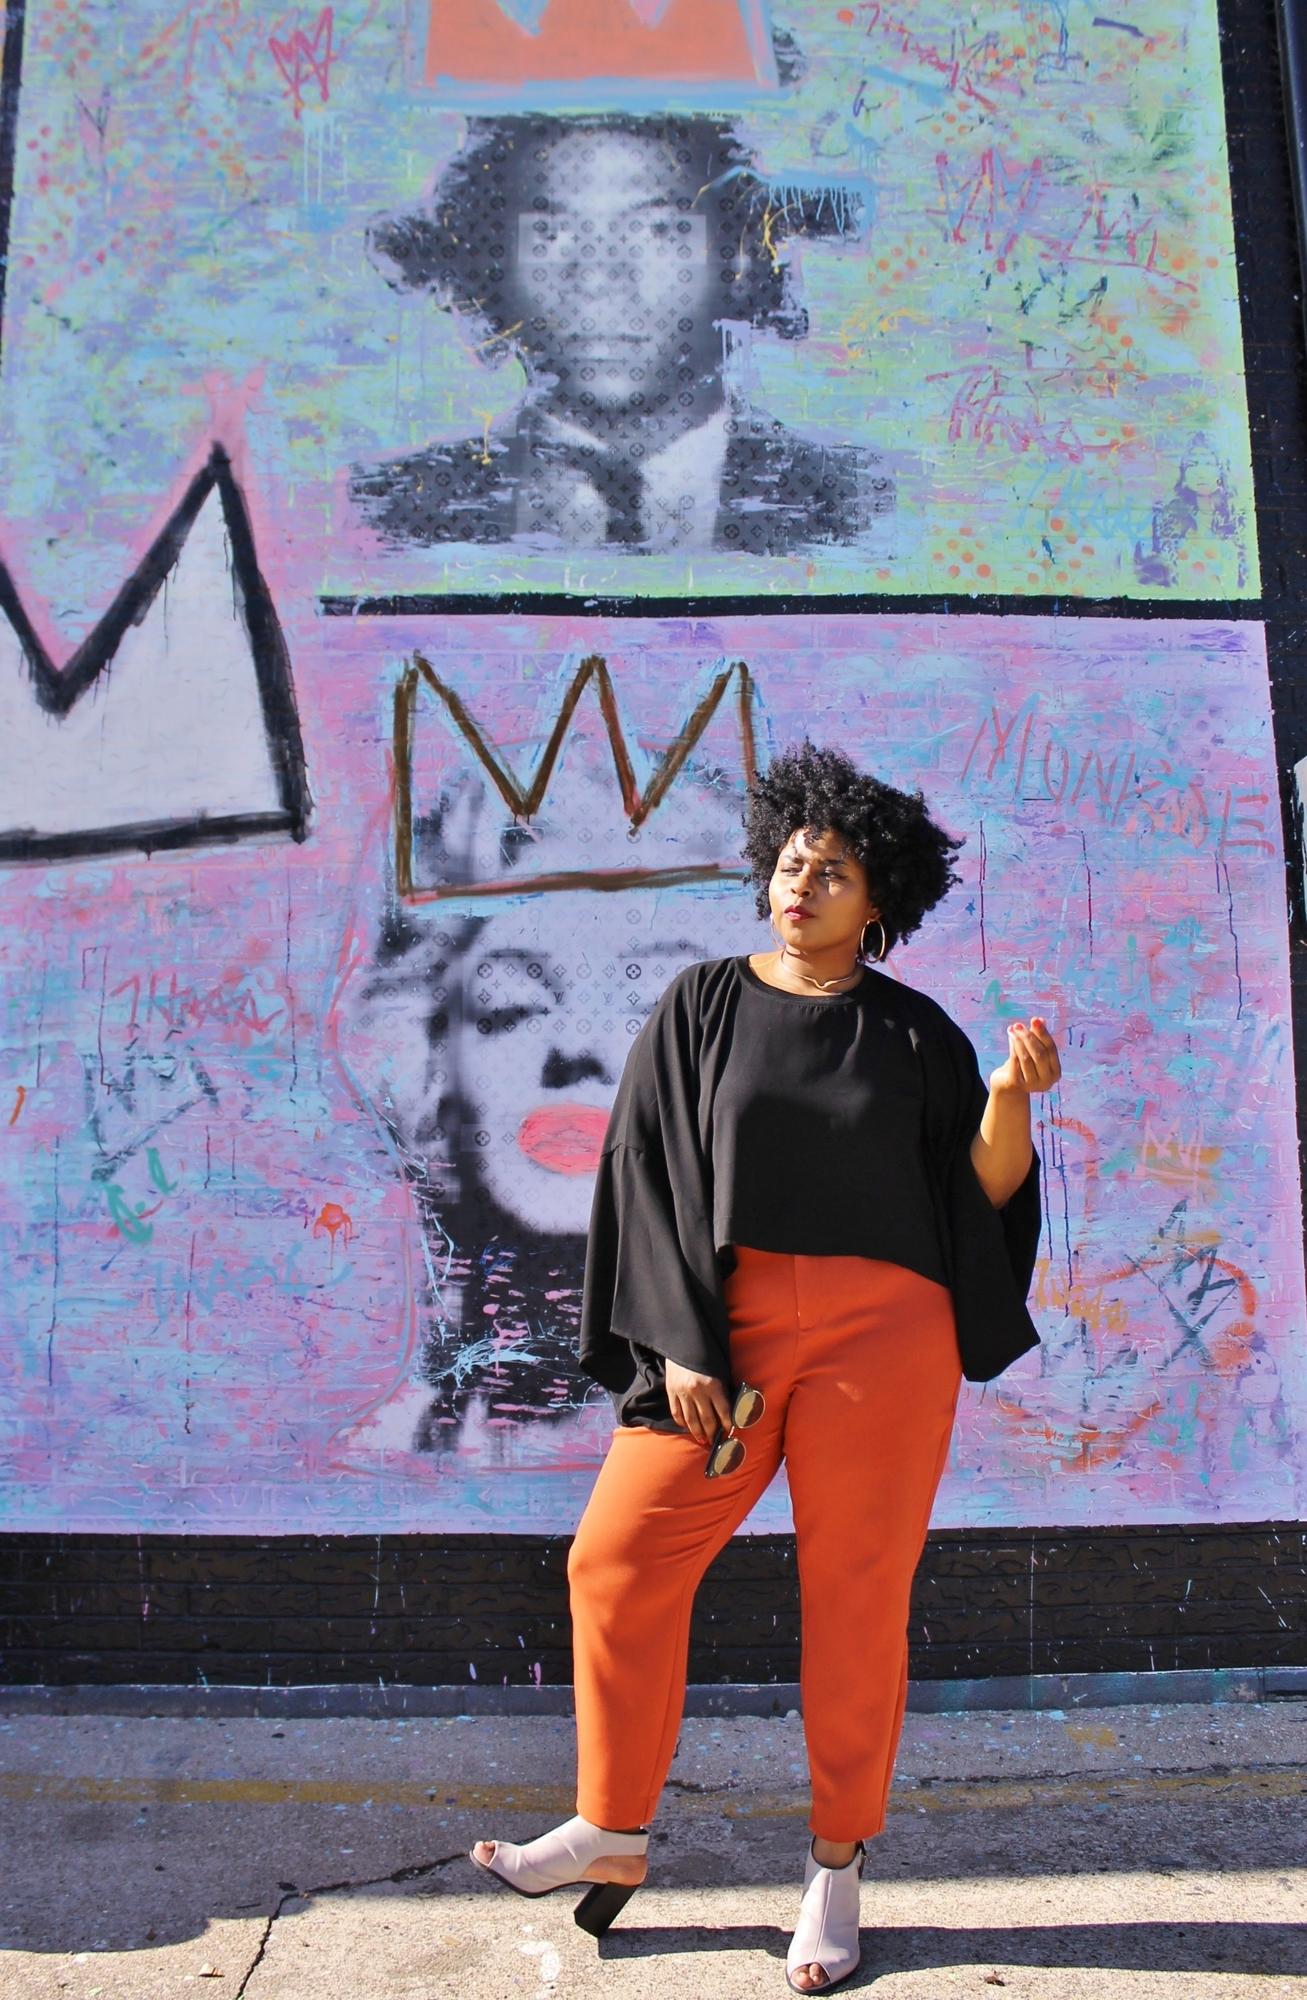 lady by marilyn monroe mural in deep ellum